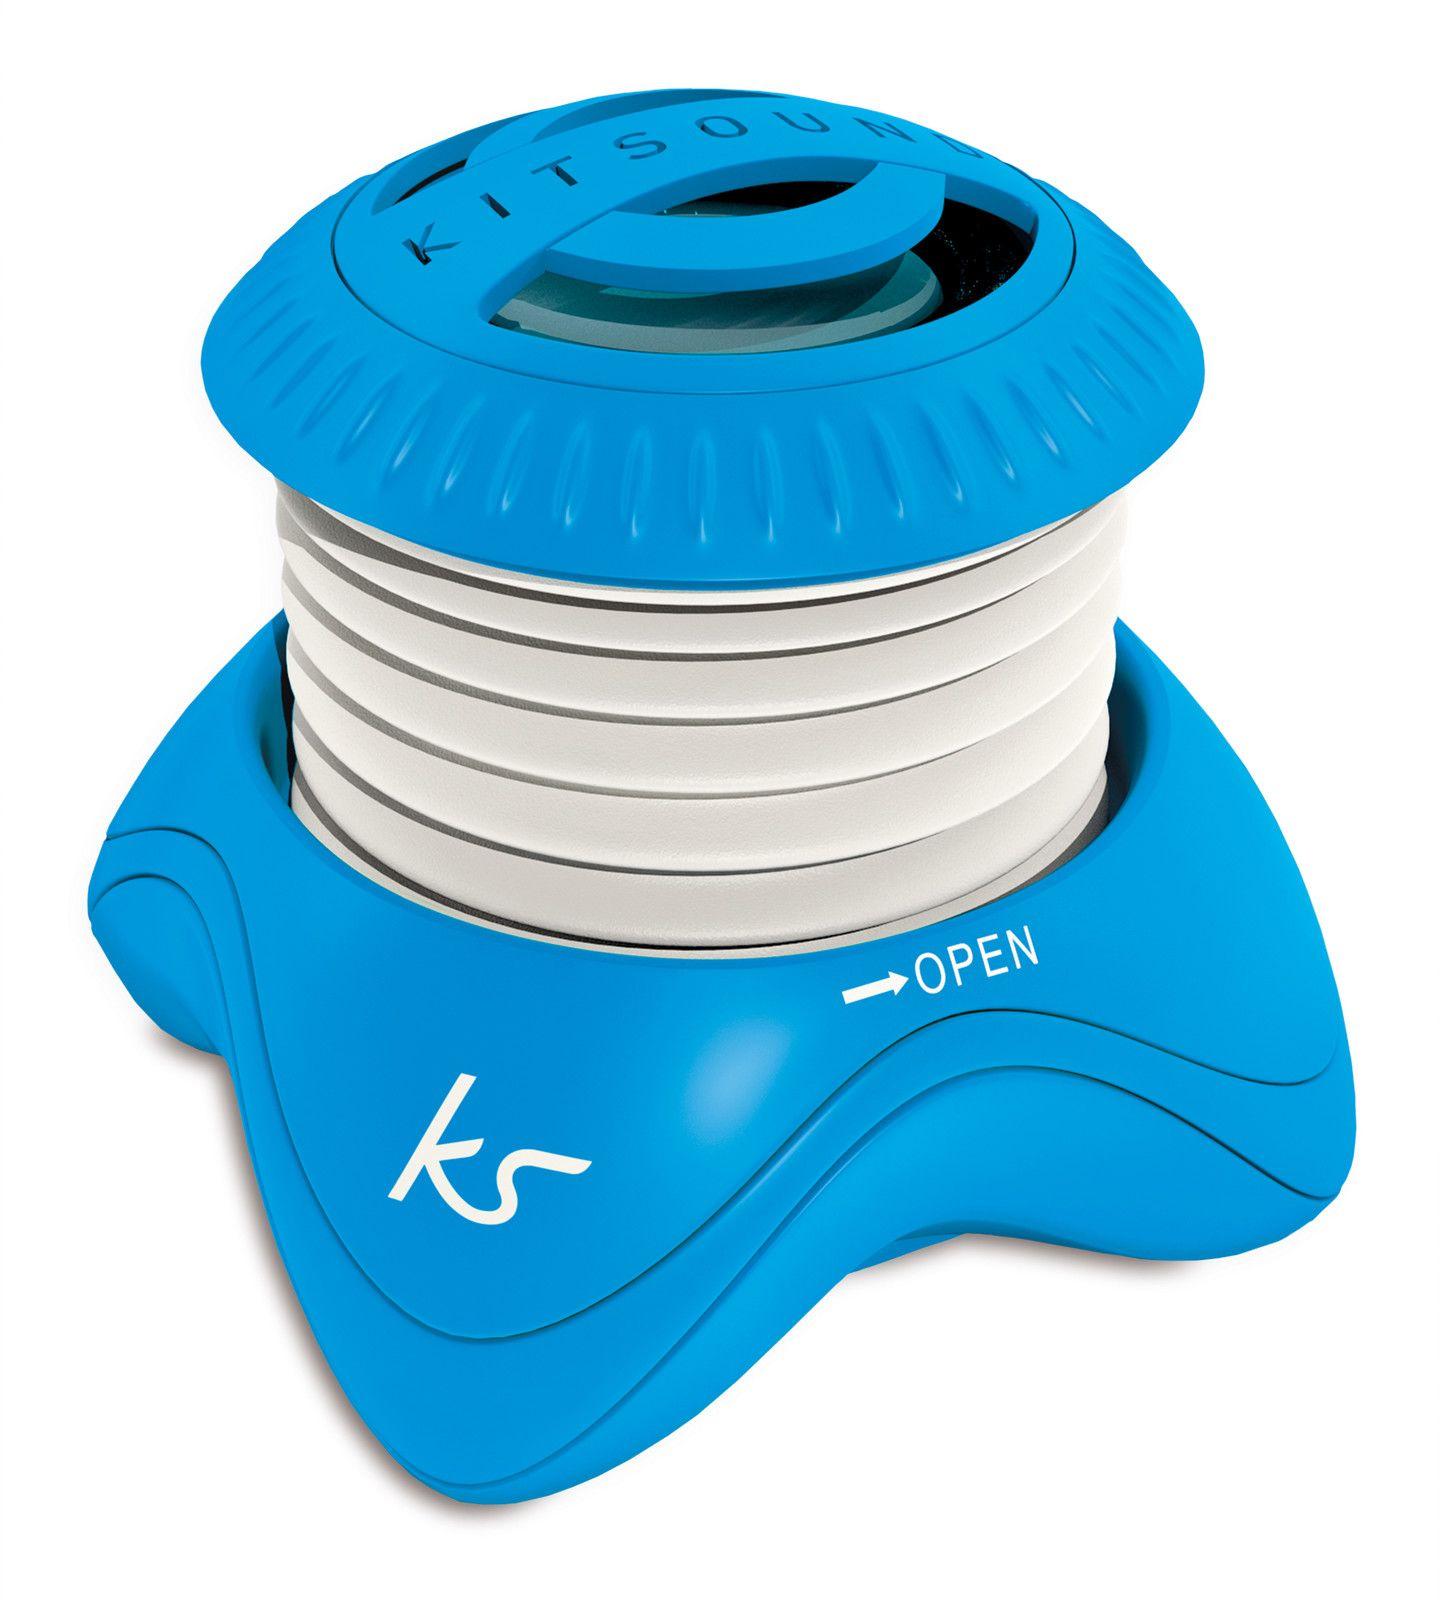 Kitsound Invader Portable Speaker - Blå